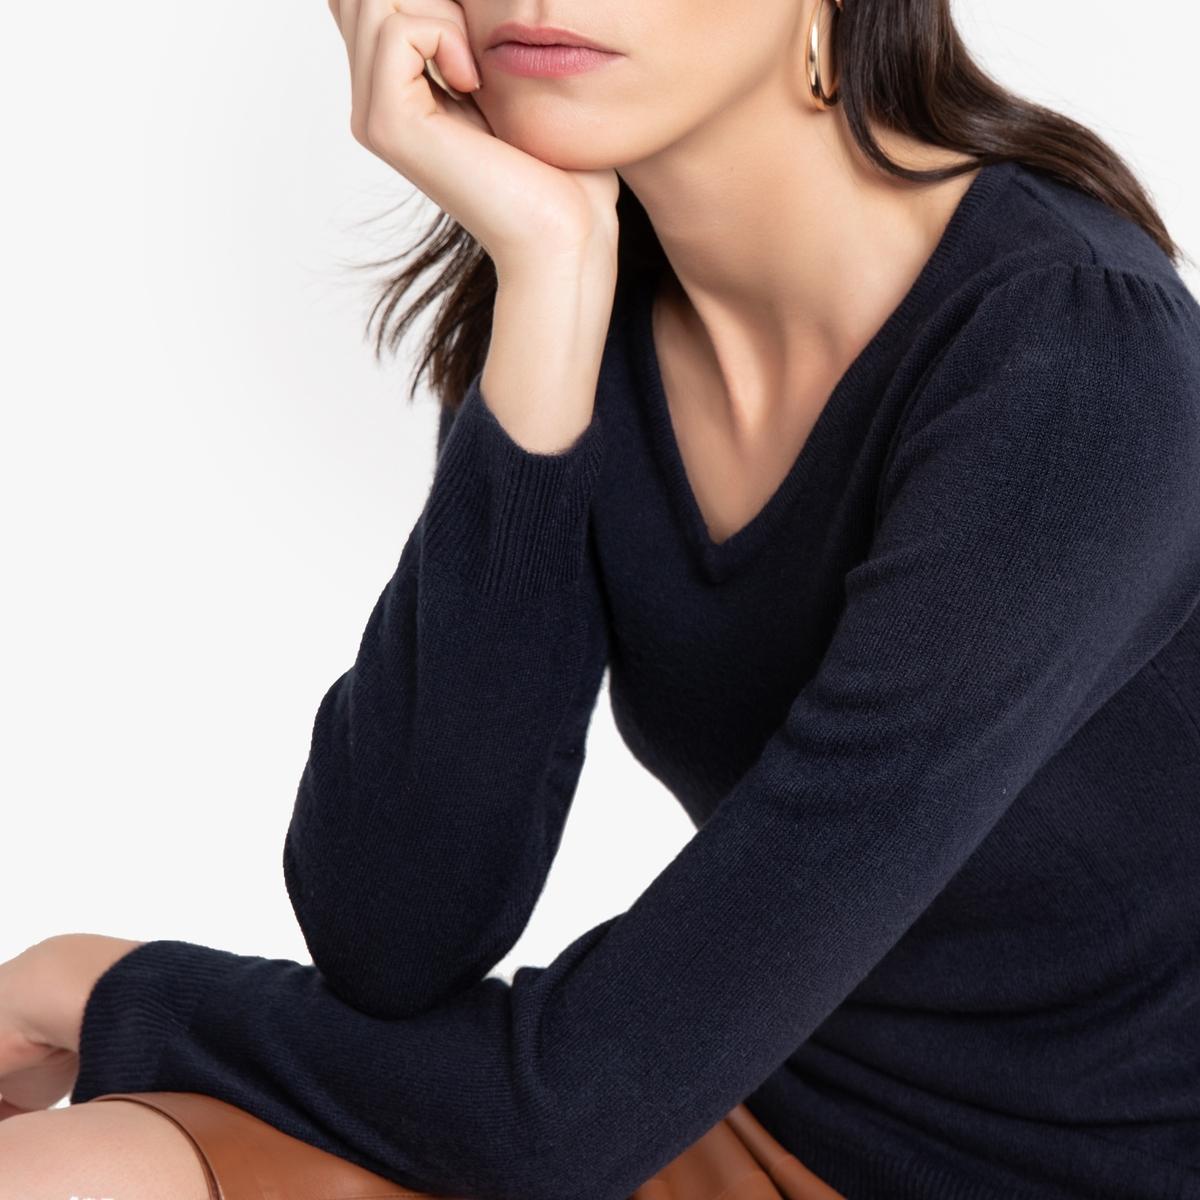 цена Пуловер La Redoute С V-образным вырезом из тонкого трикотажа 34/36 (FR) - 40/42 (RUS) синий онлайн в 2017 году